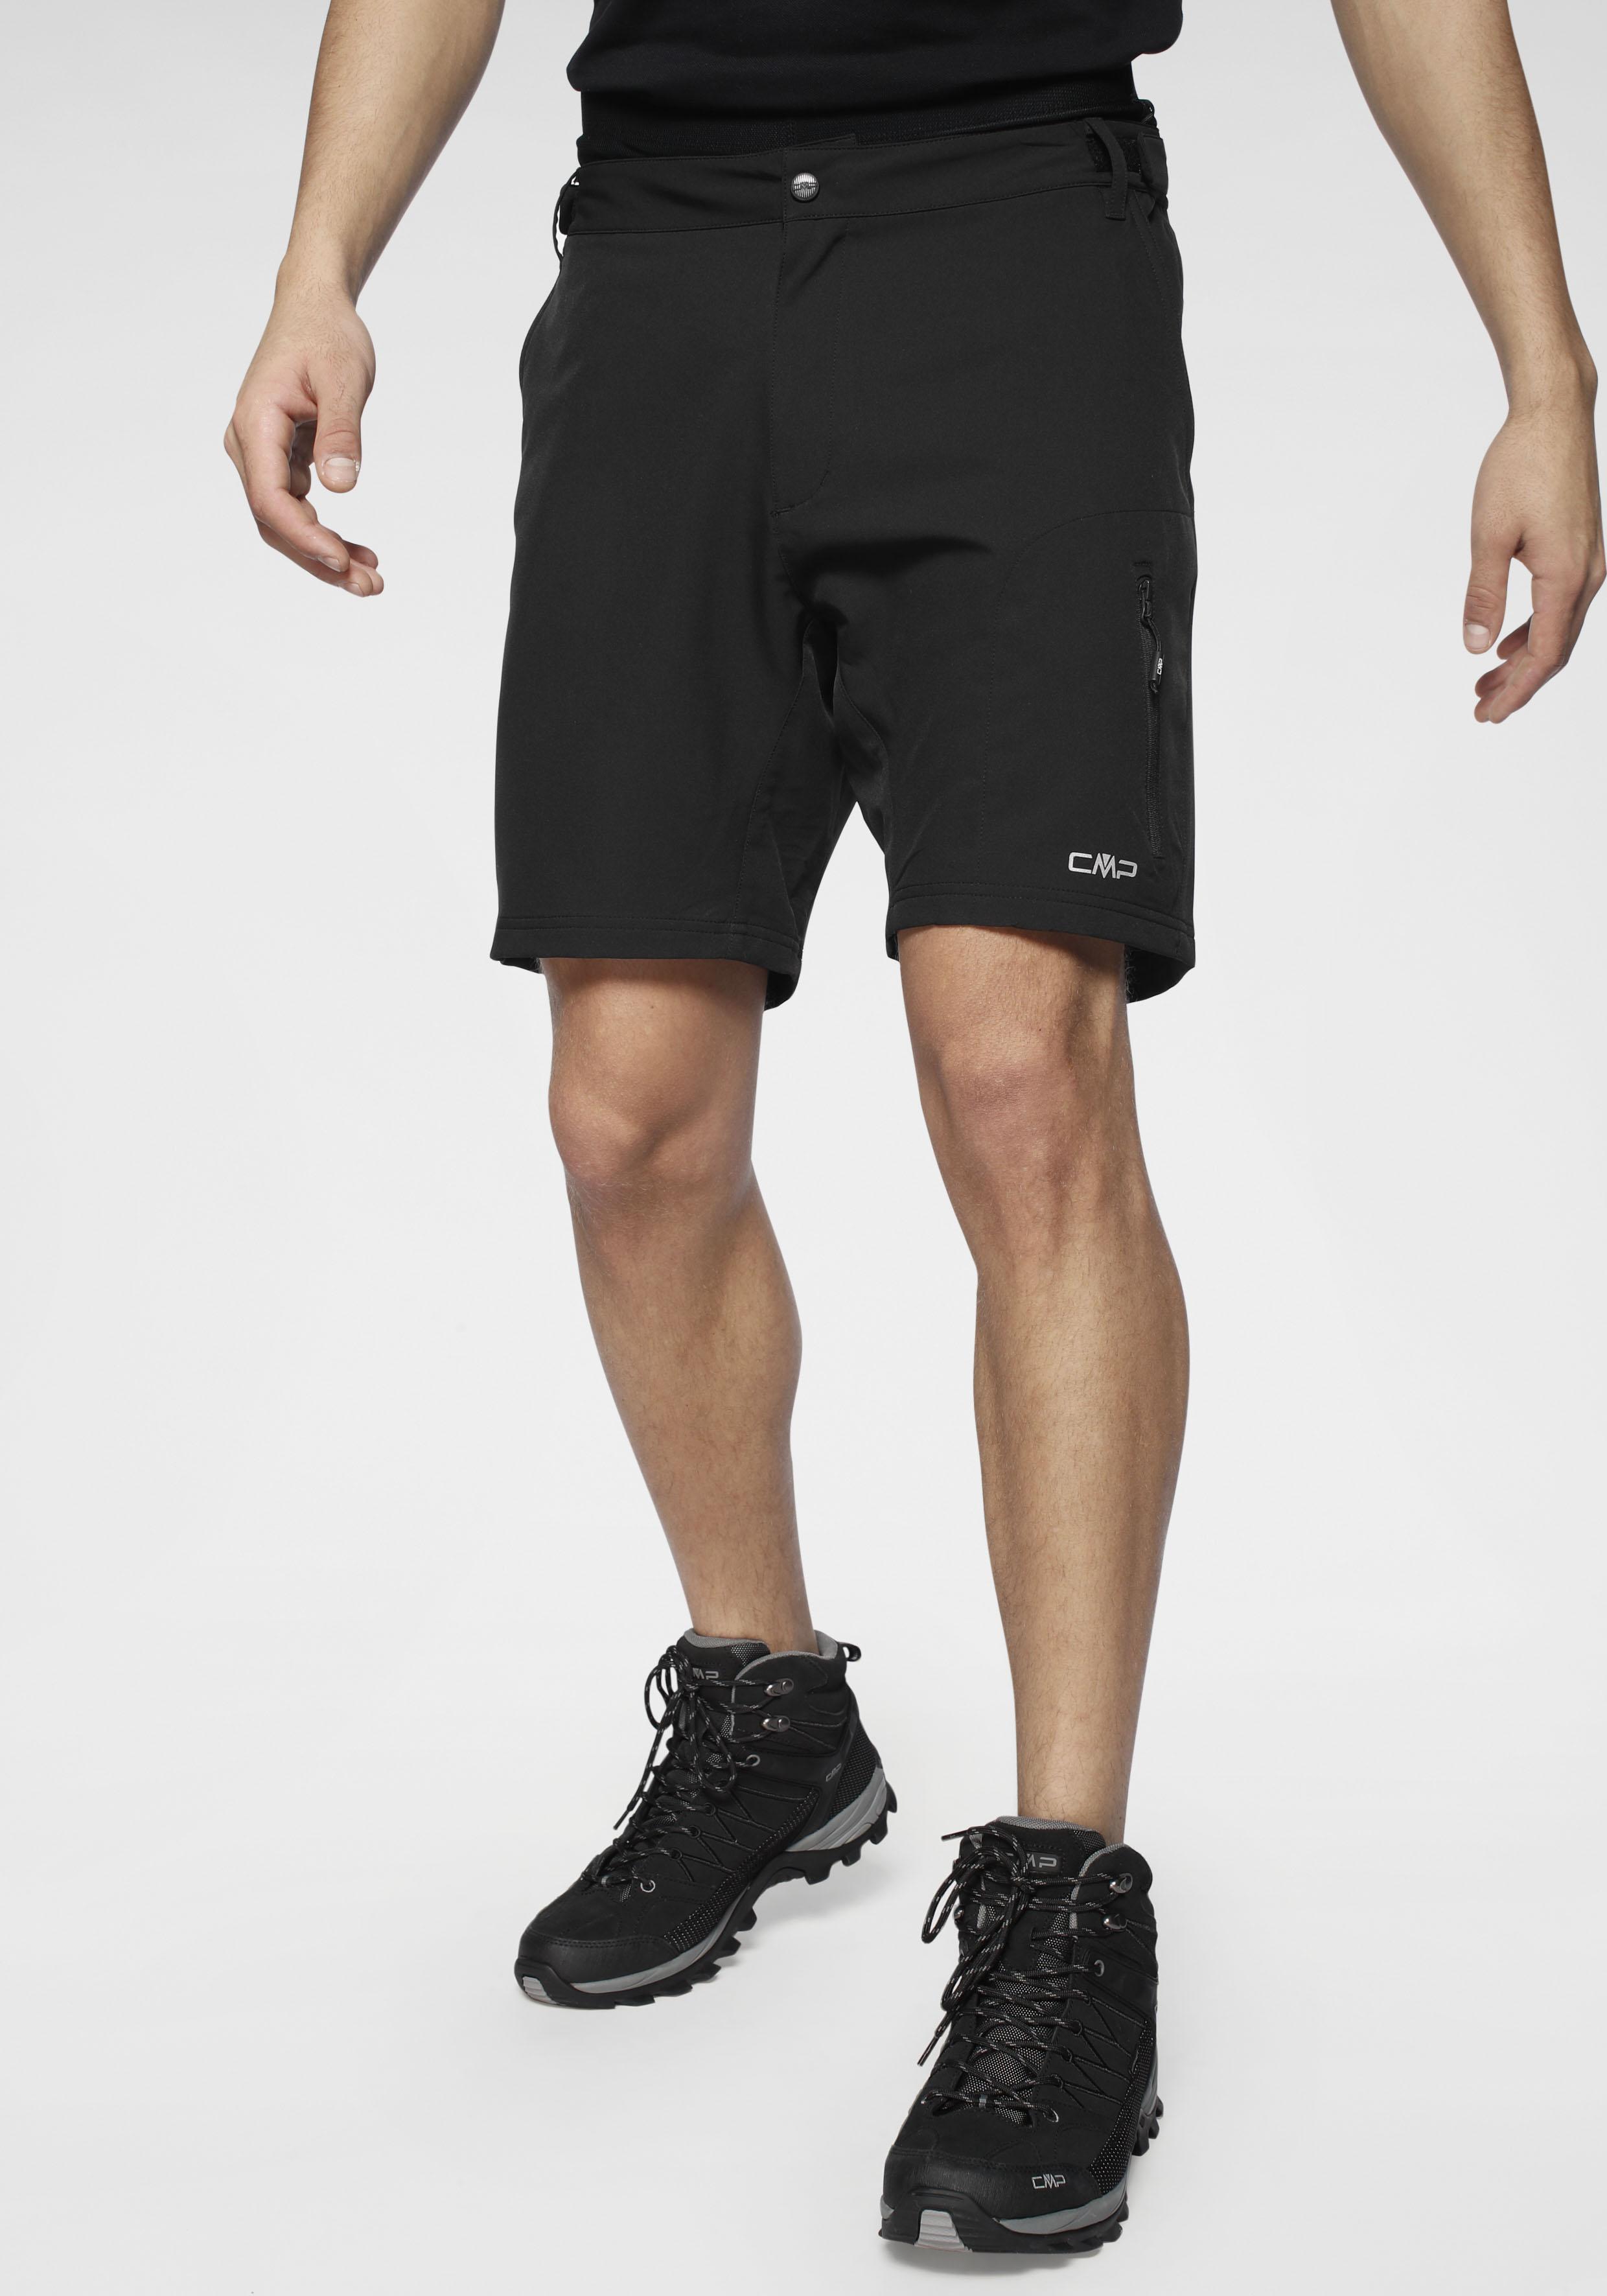 CMP Fahrradhose | Sportbekleidung > Sporthosen > Fahrradhosen | CMP